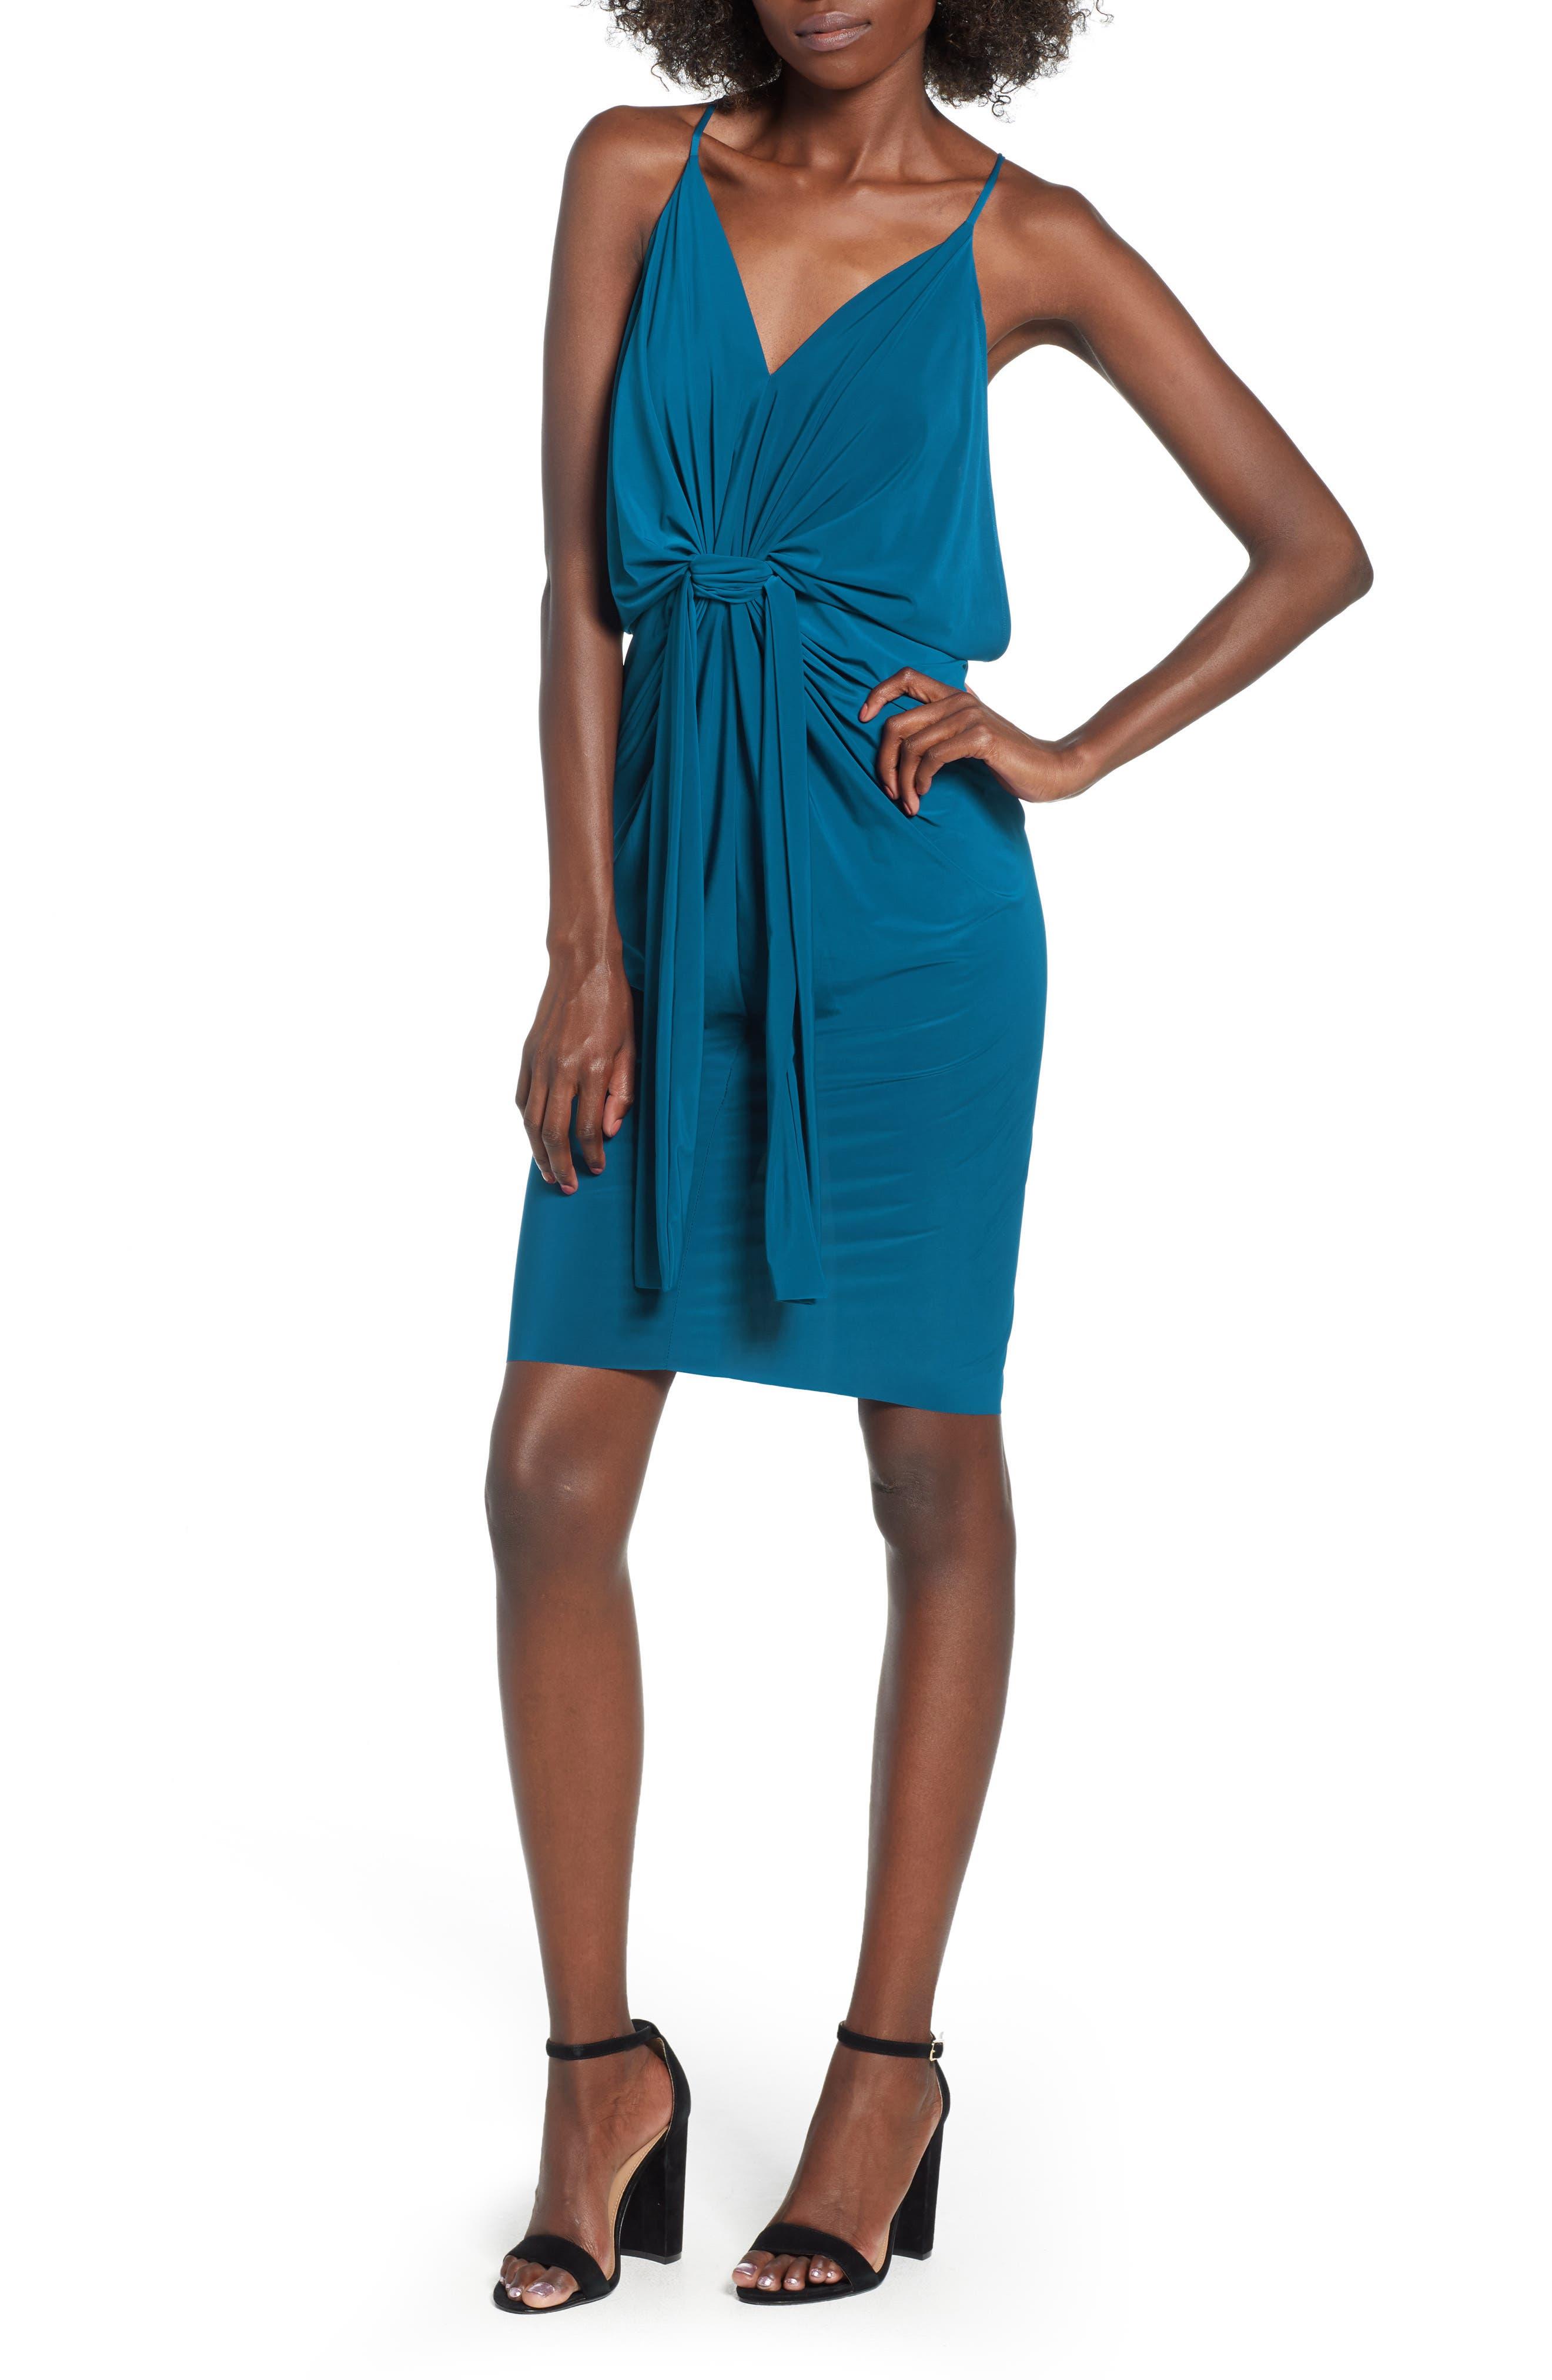 MISA Domino Slinky Jersey Midi Cocktail Dress in Indigo